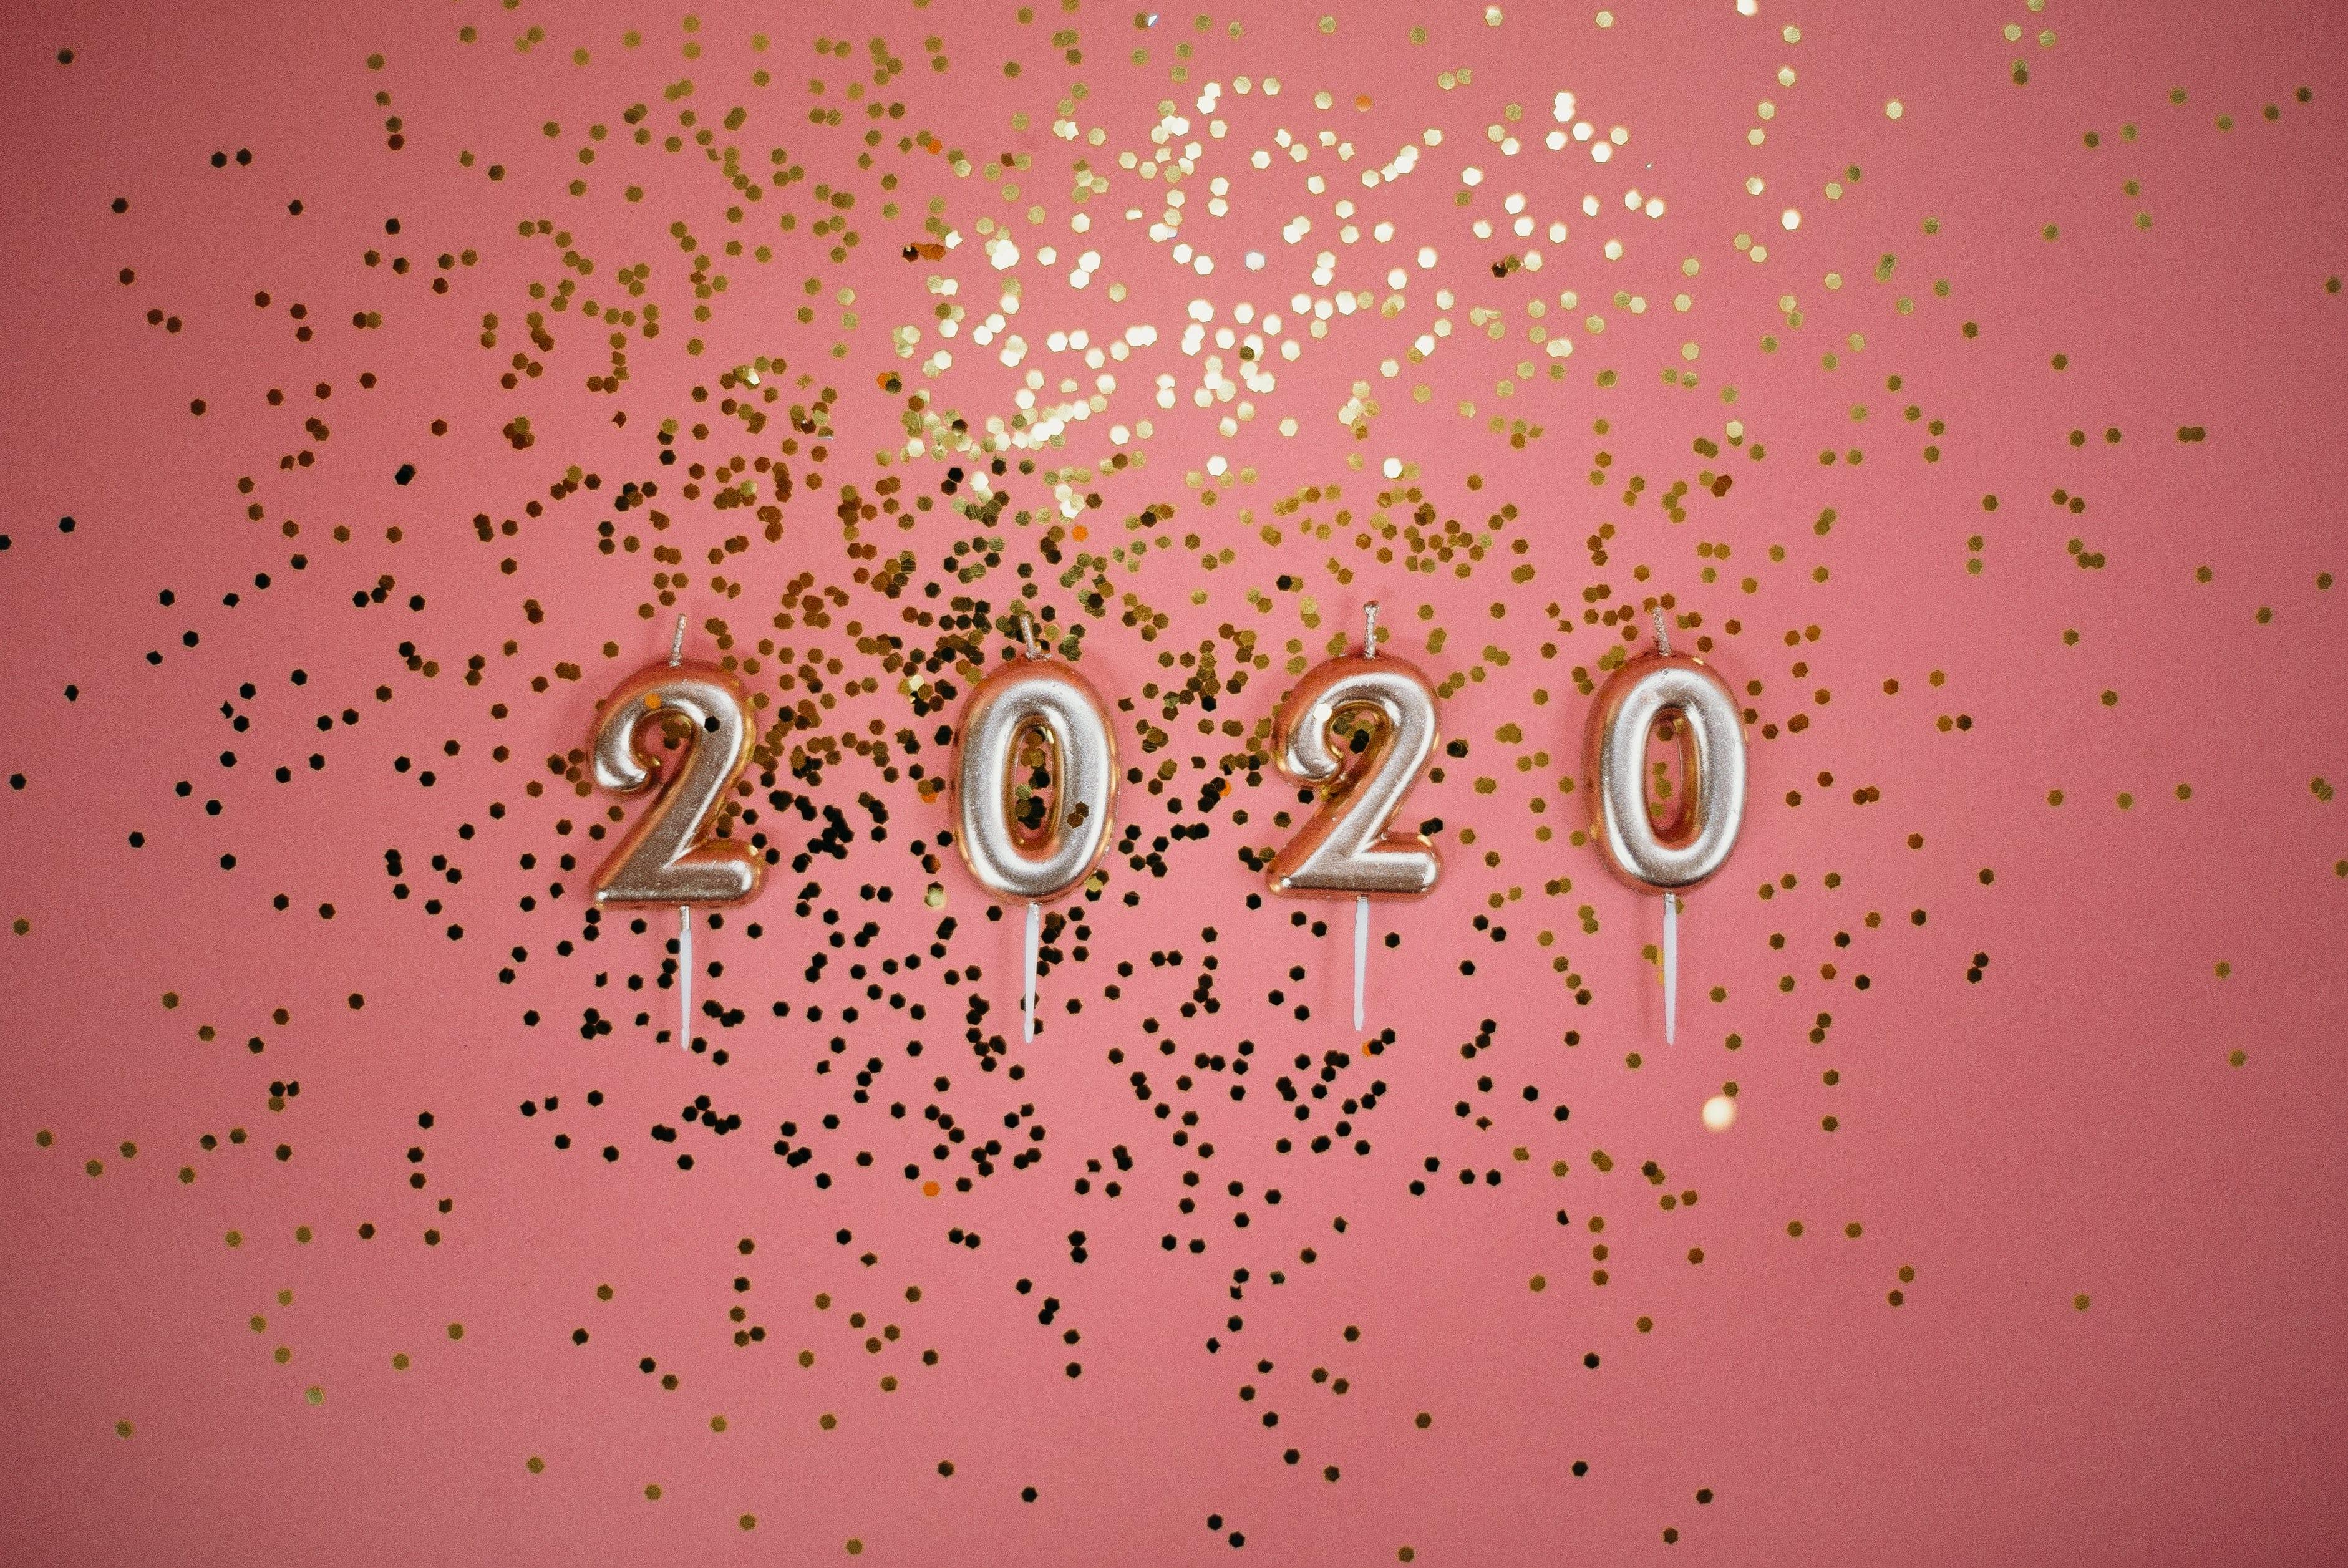 2020 auntie stress